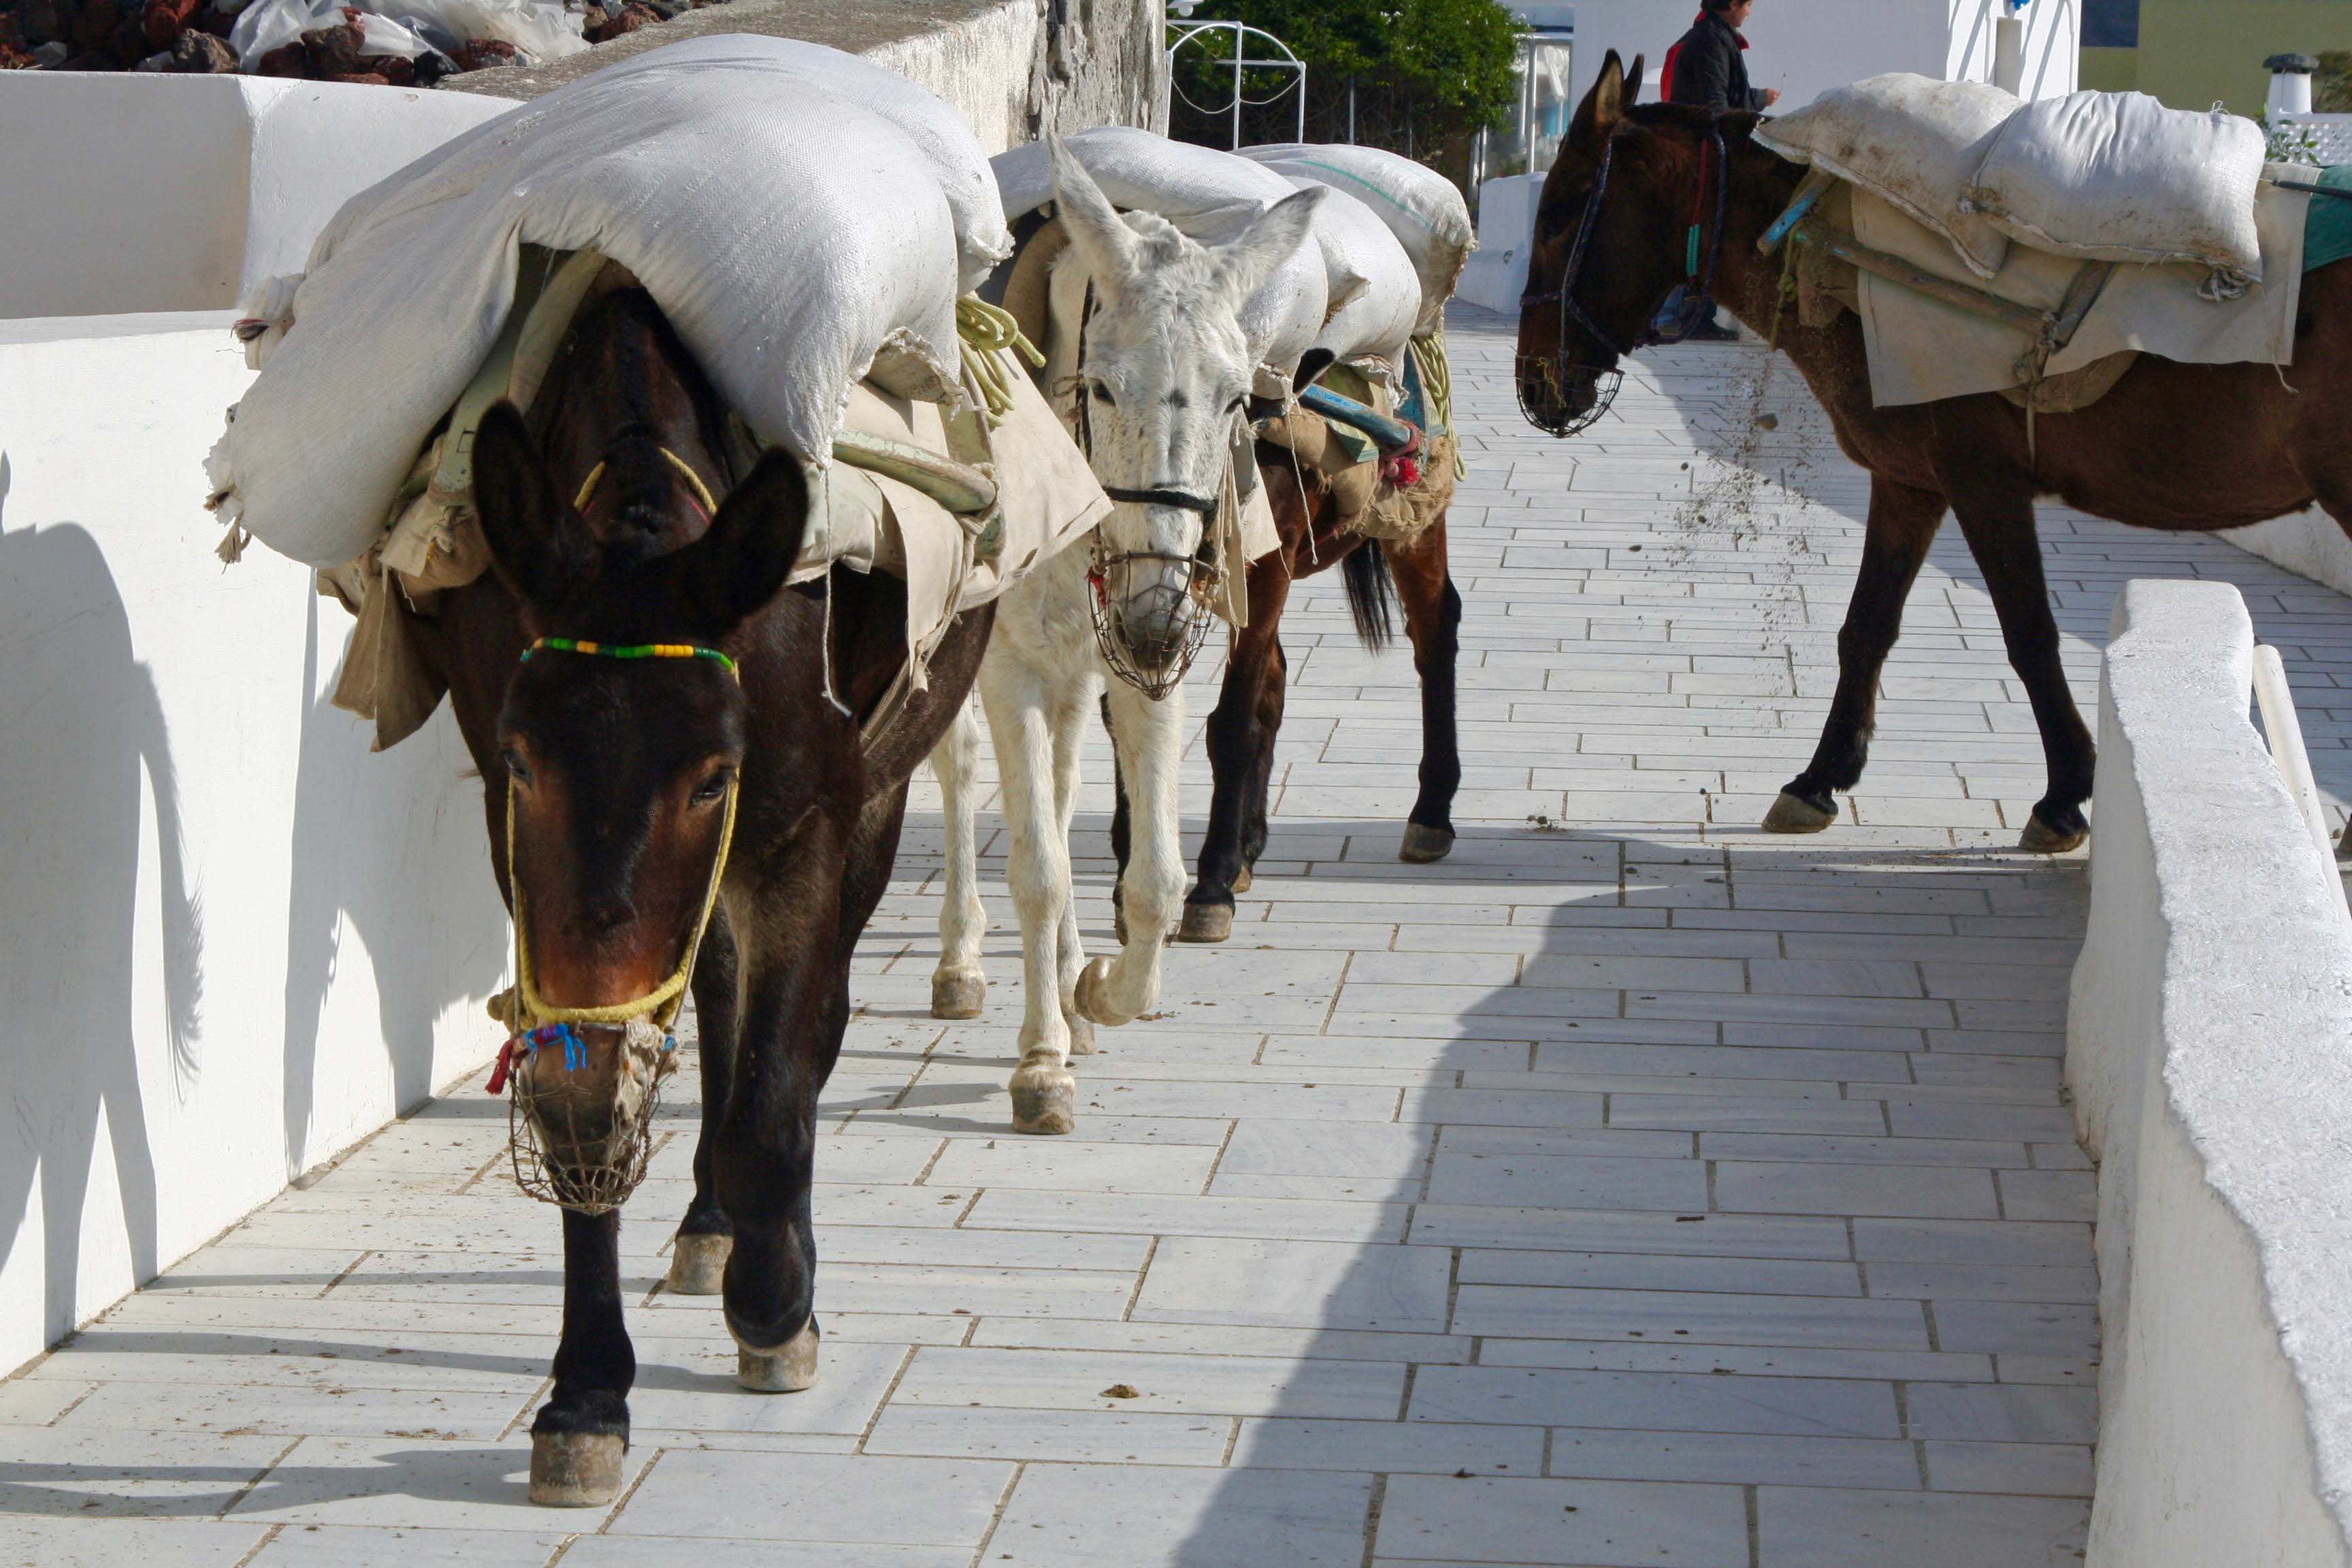 Mules in Santorini